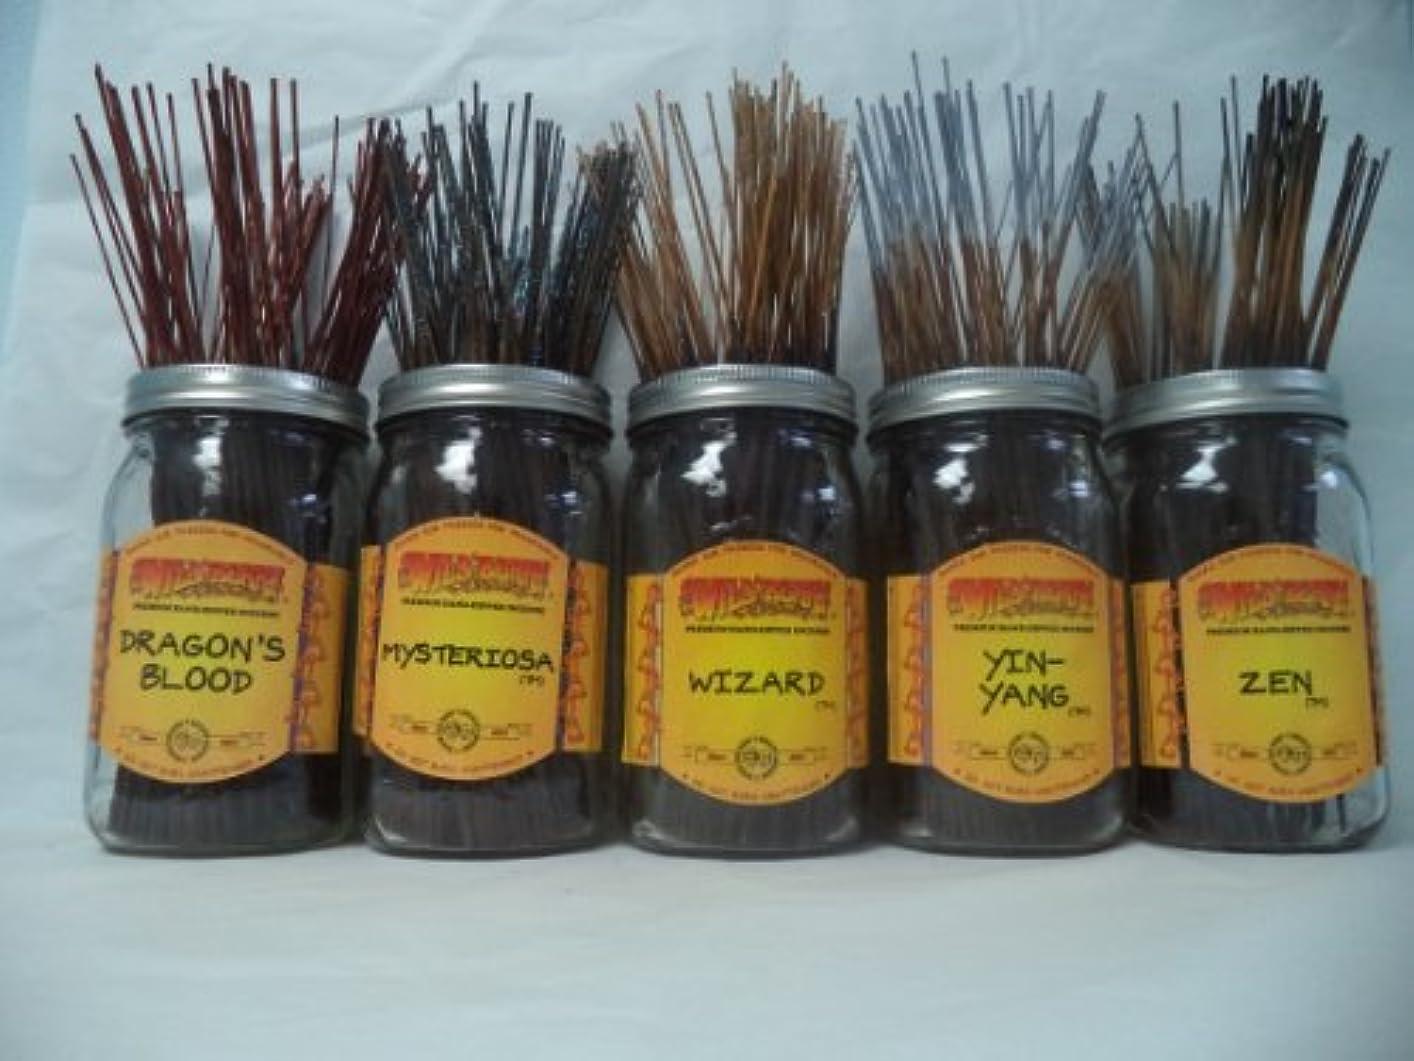 力恥ずかしい緯度Wildberry Incense Sticks Earthy Scentsセット# 3 : 20 Sticks各5の香り、合計100 Sticks 。